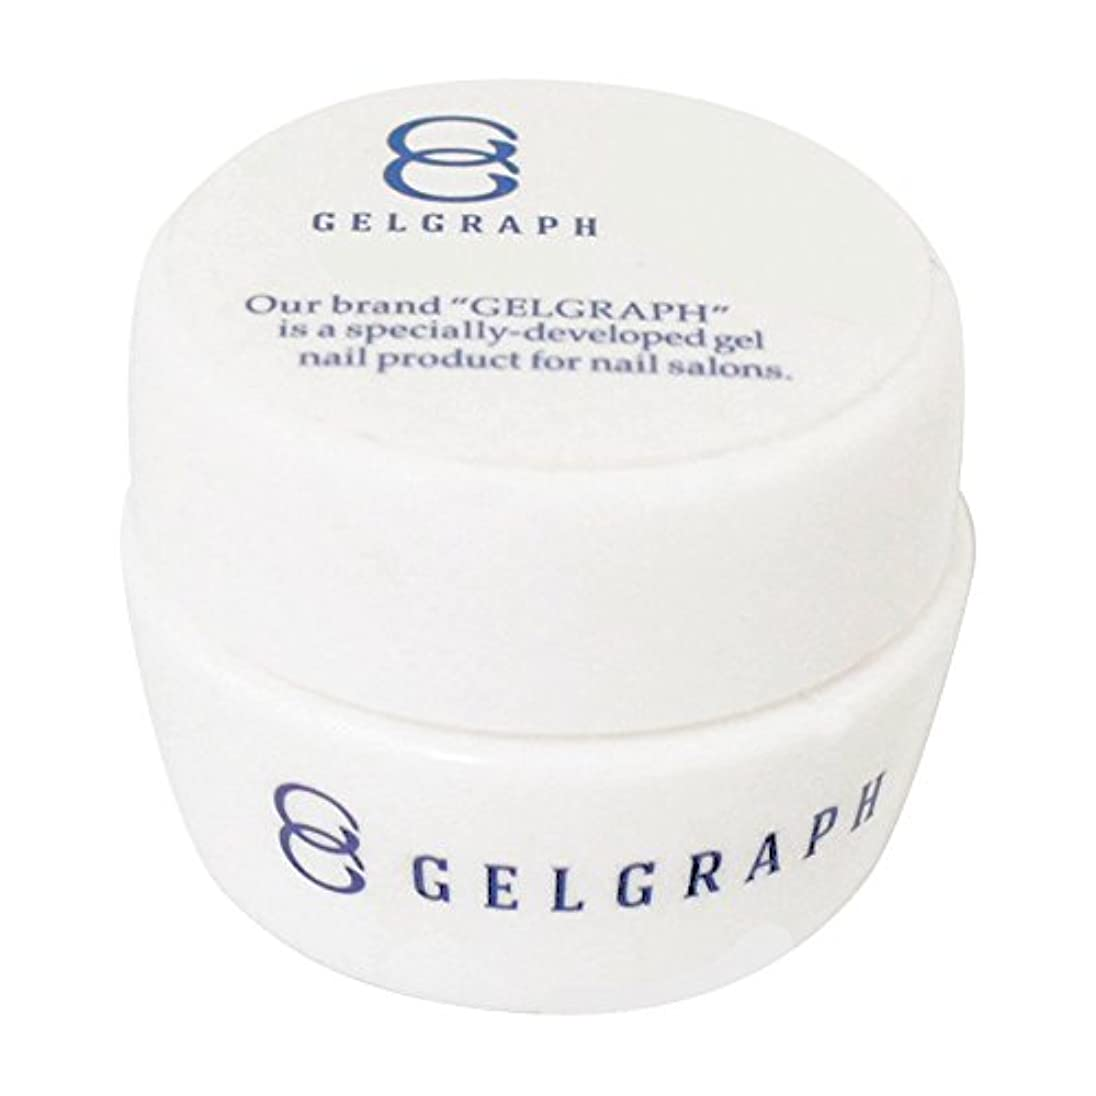 愛撫死風が強いGELGRAPH(ジェルグラフ) GELGRAPH カラージェル 219SG マグノリア 5g UV/LED対応 ジェルネイル